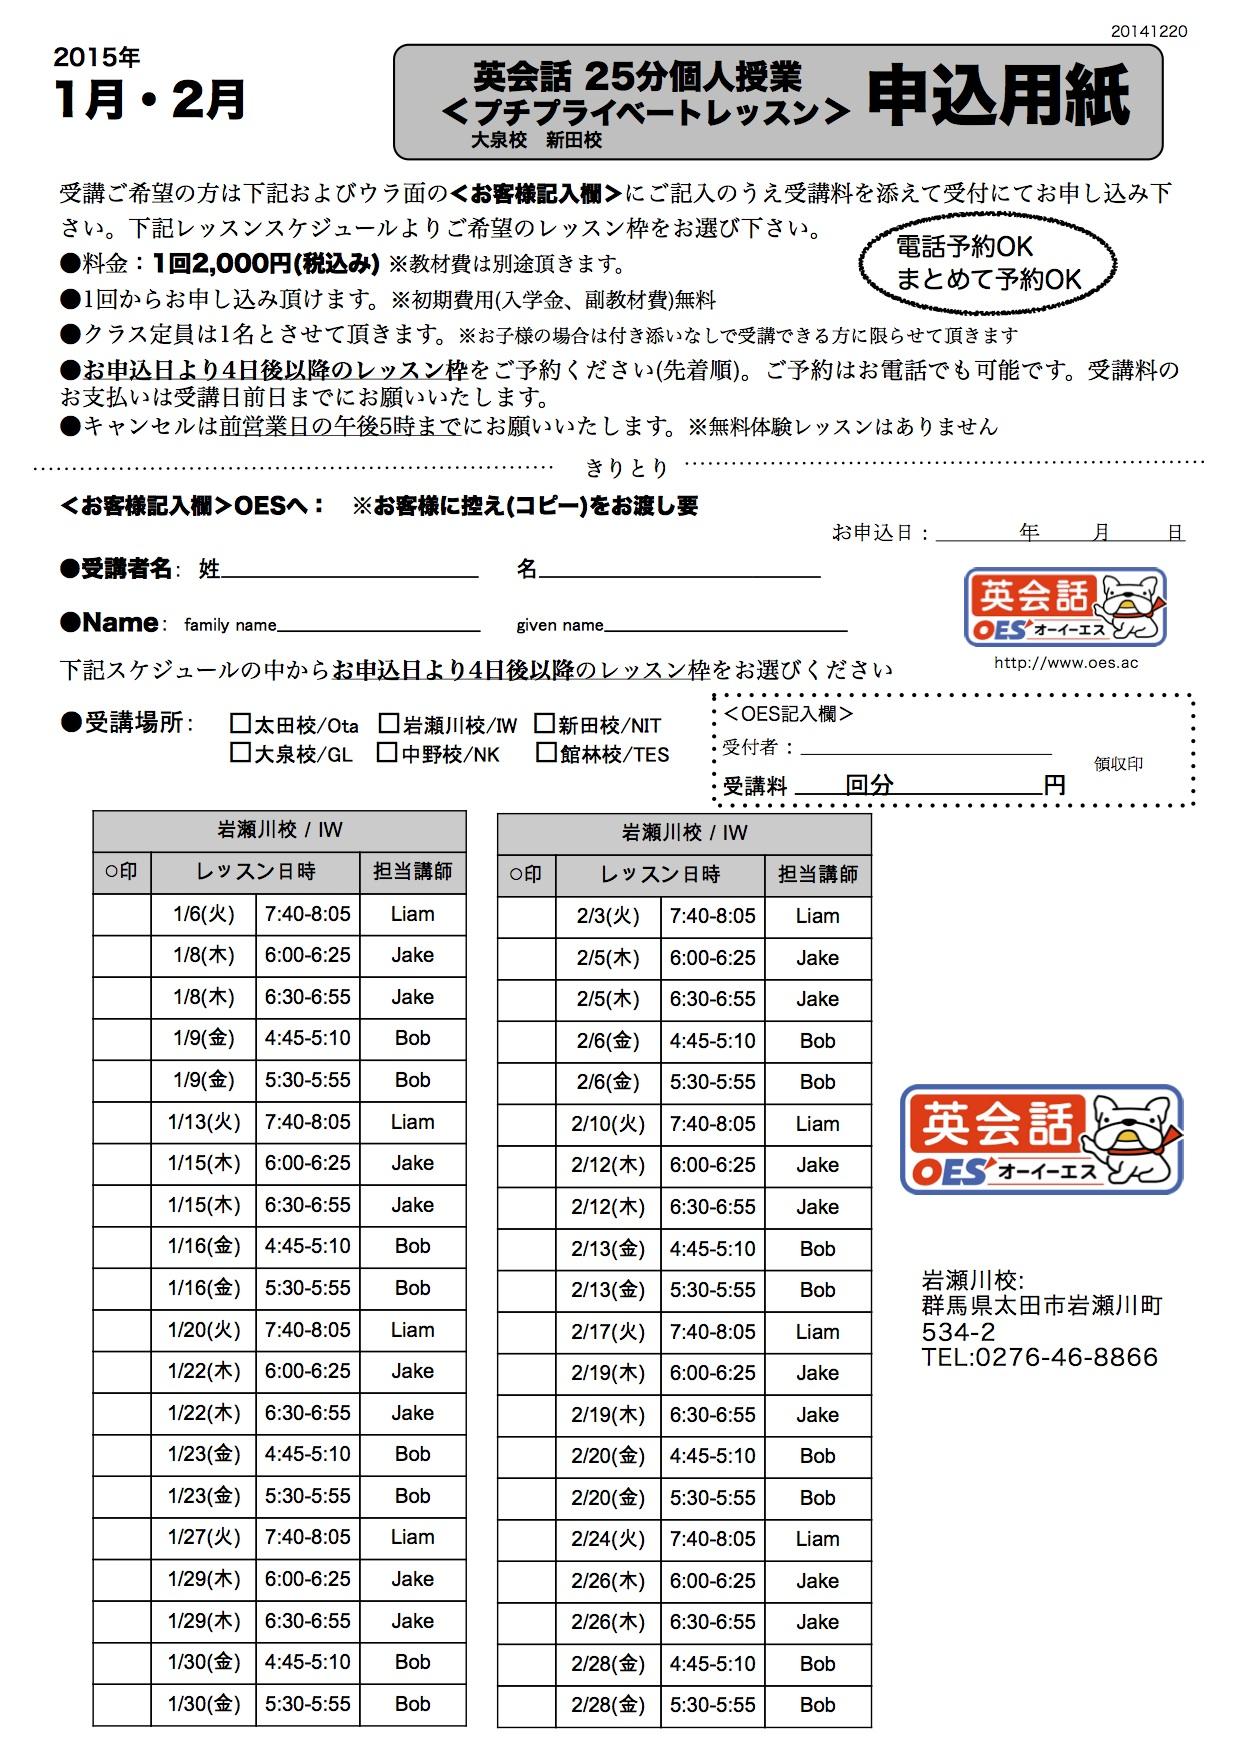 1月2月岩瀬川校 プチプライベートレッスン申込用紙